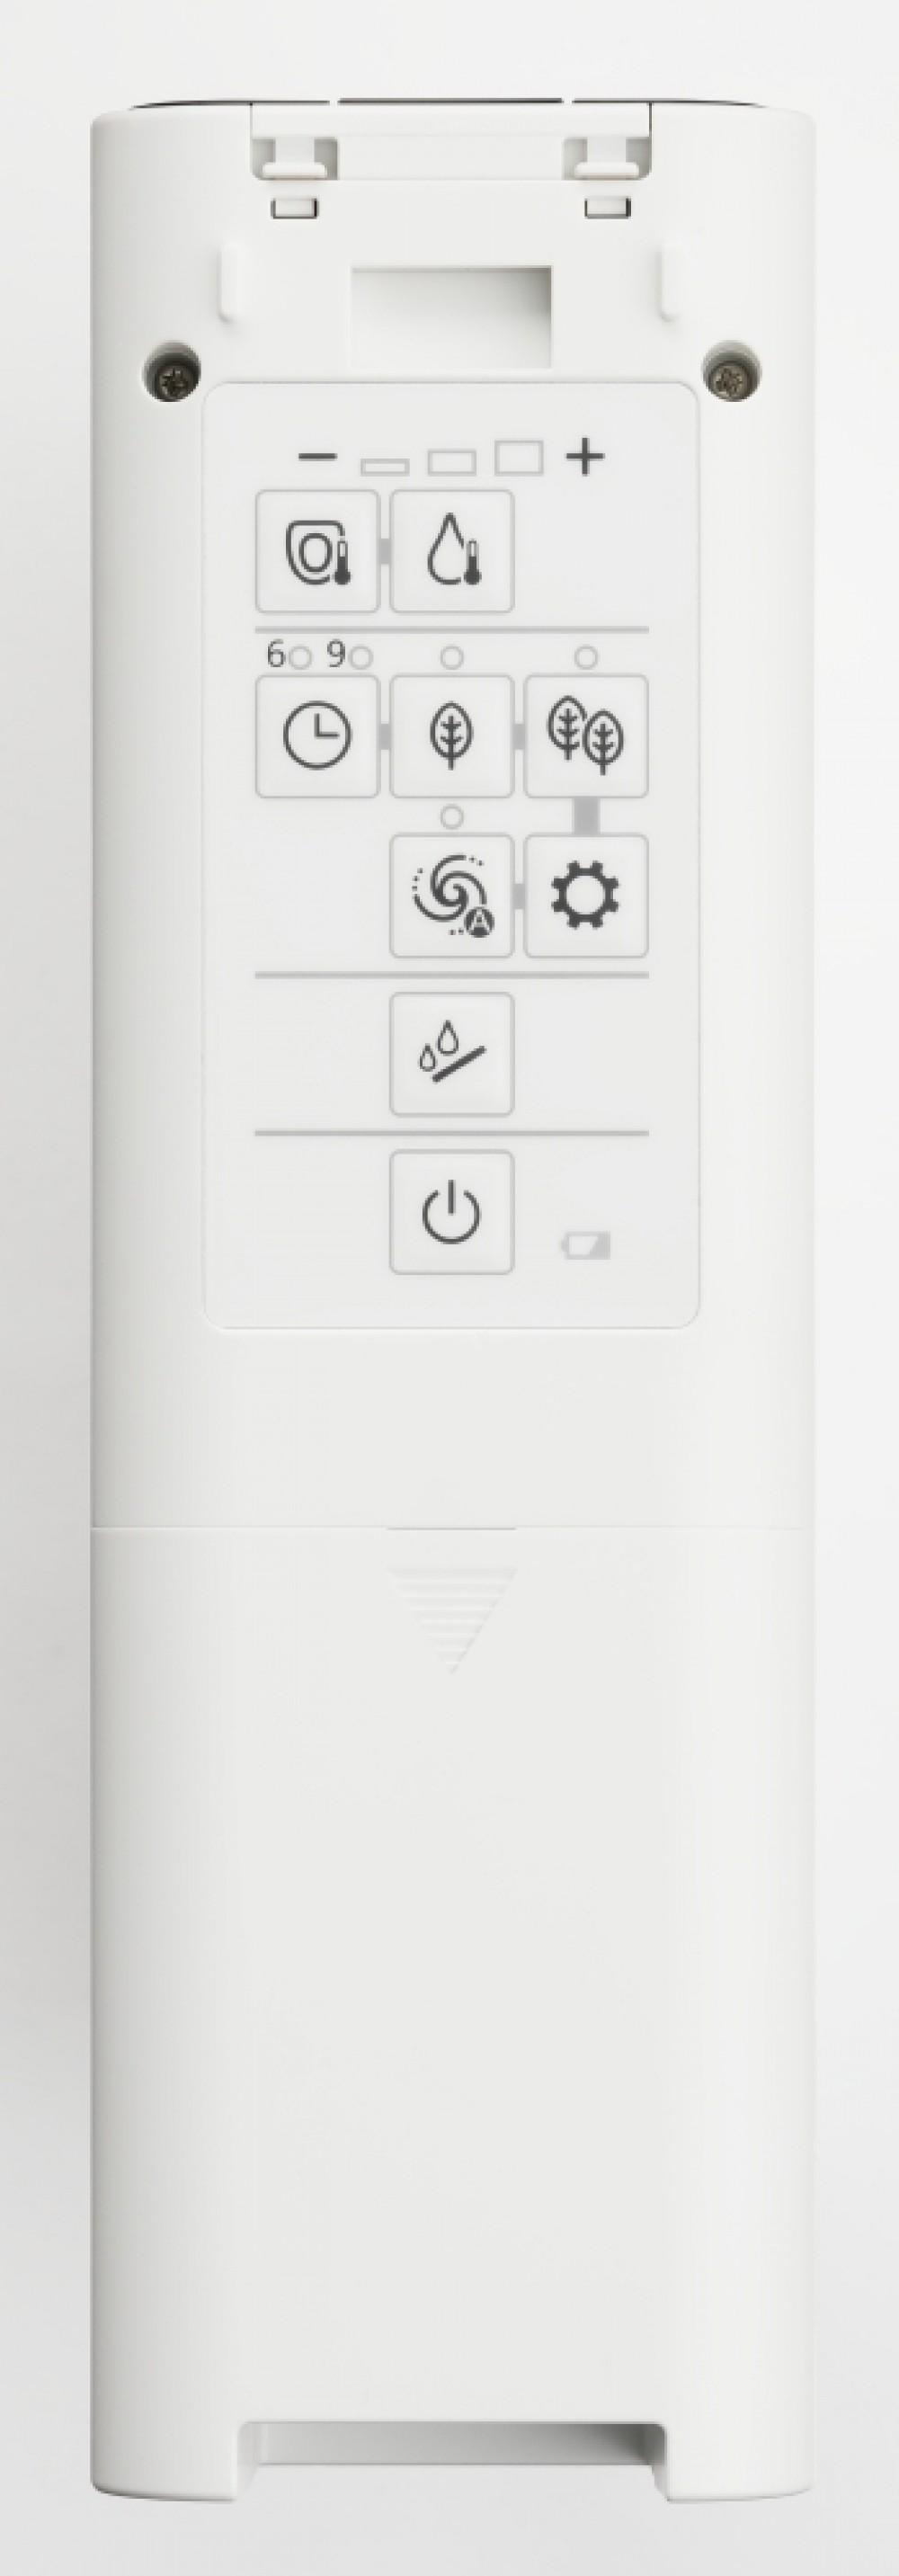 remote control washlet sx